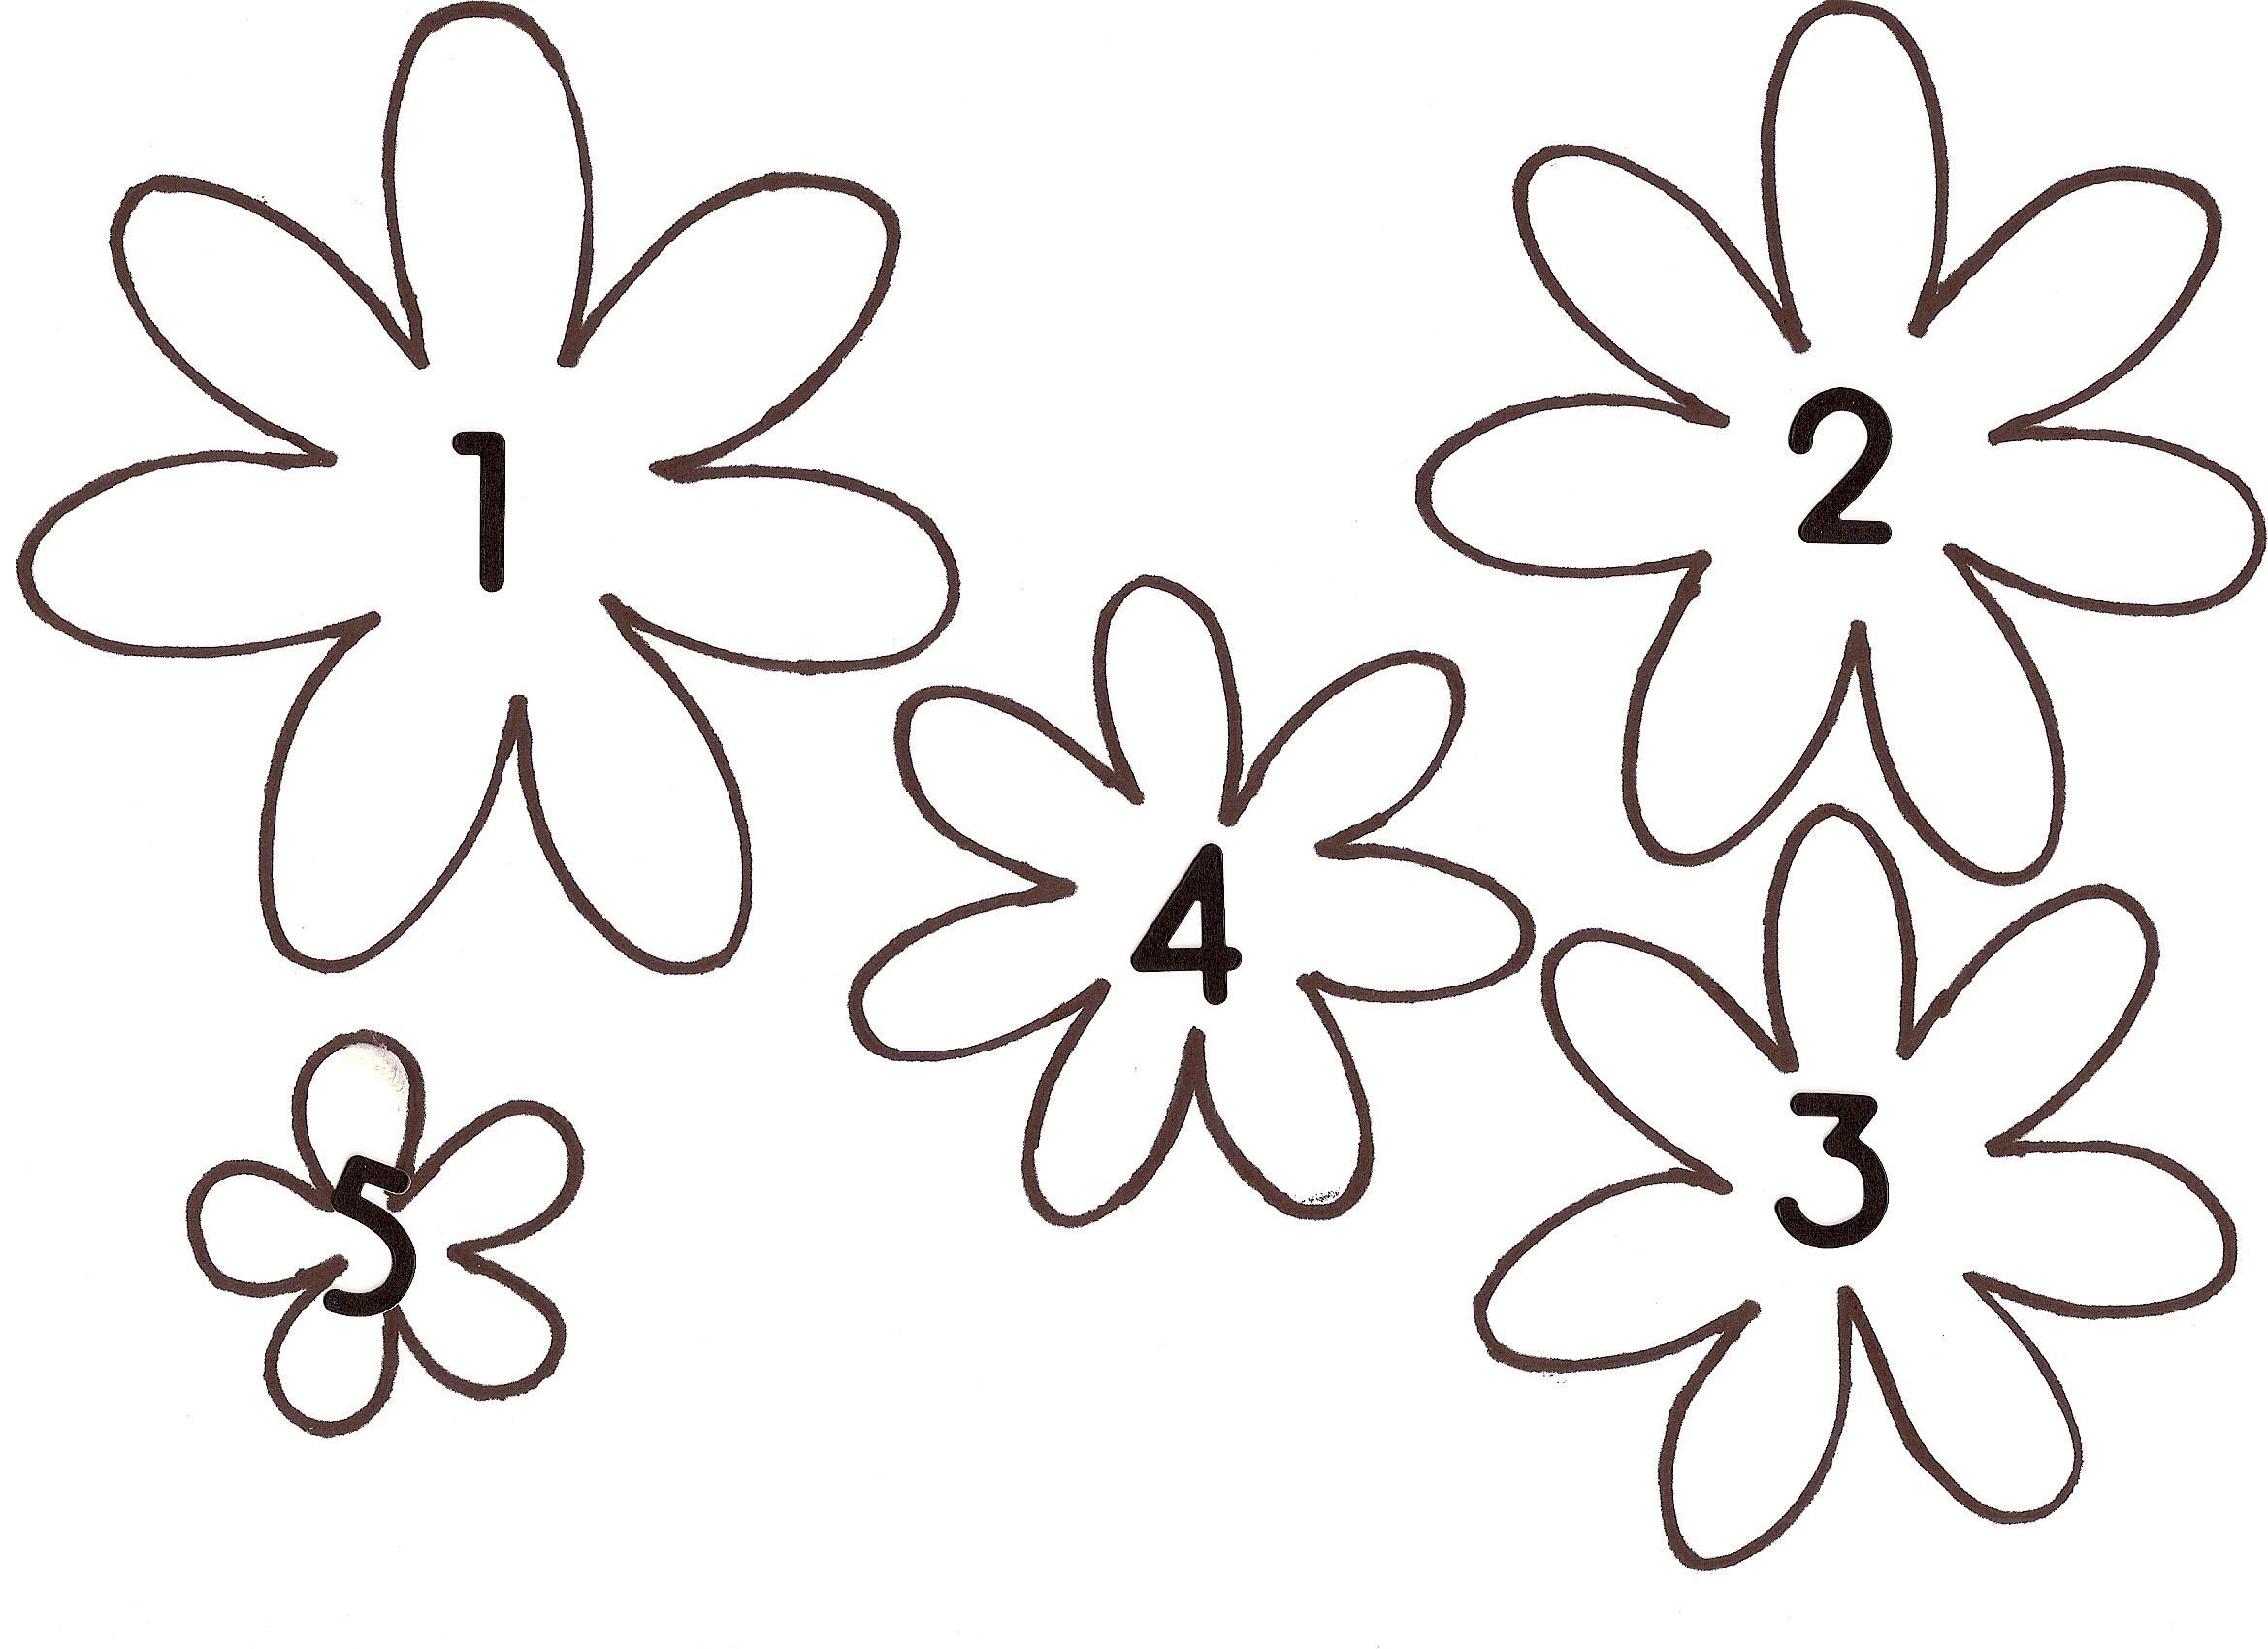 Шаблоны ромашки из фоамирана распечатать, забавными высказываниями лет